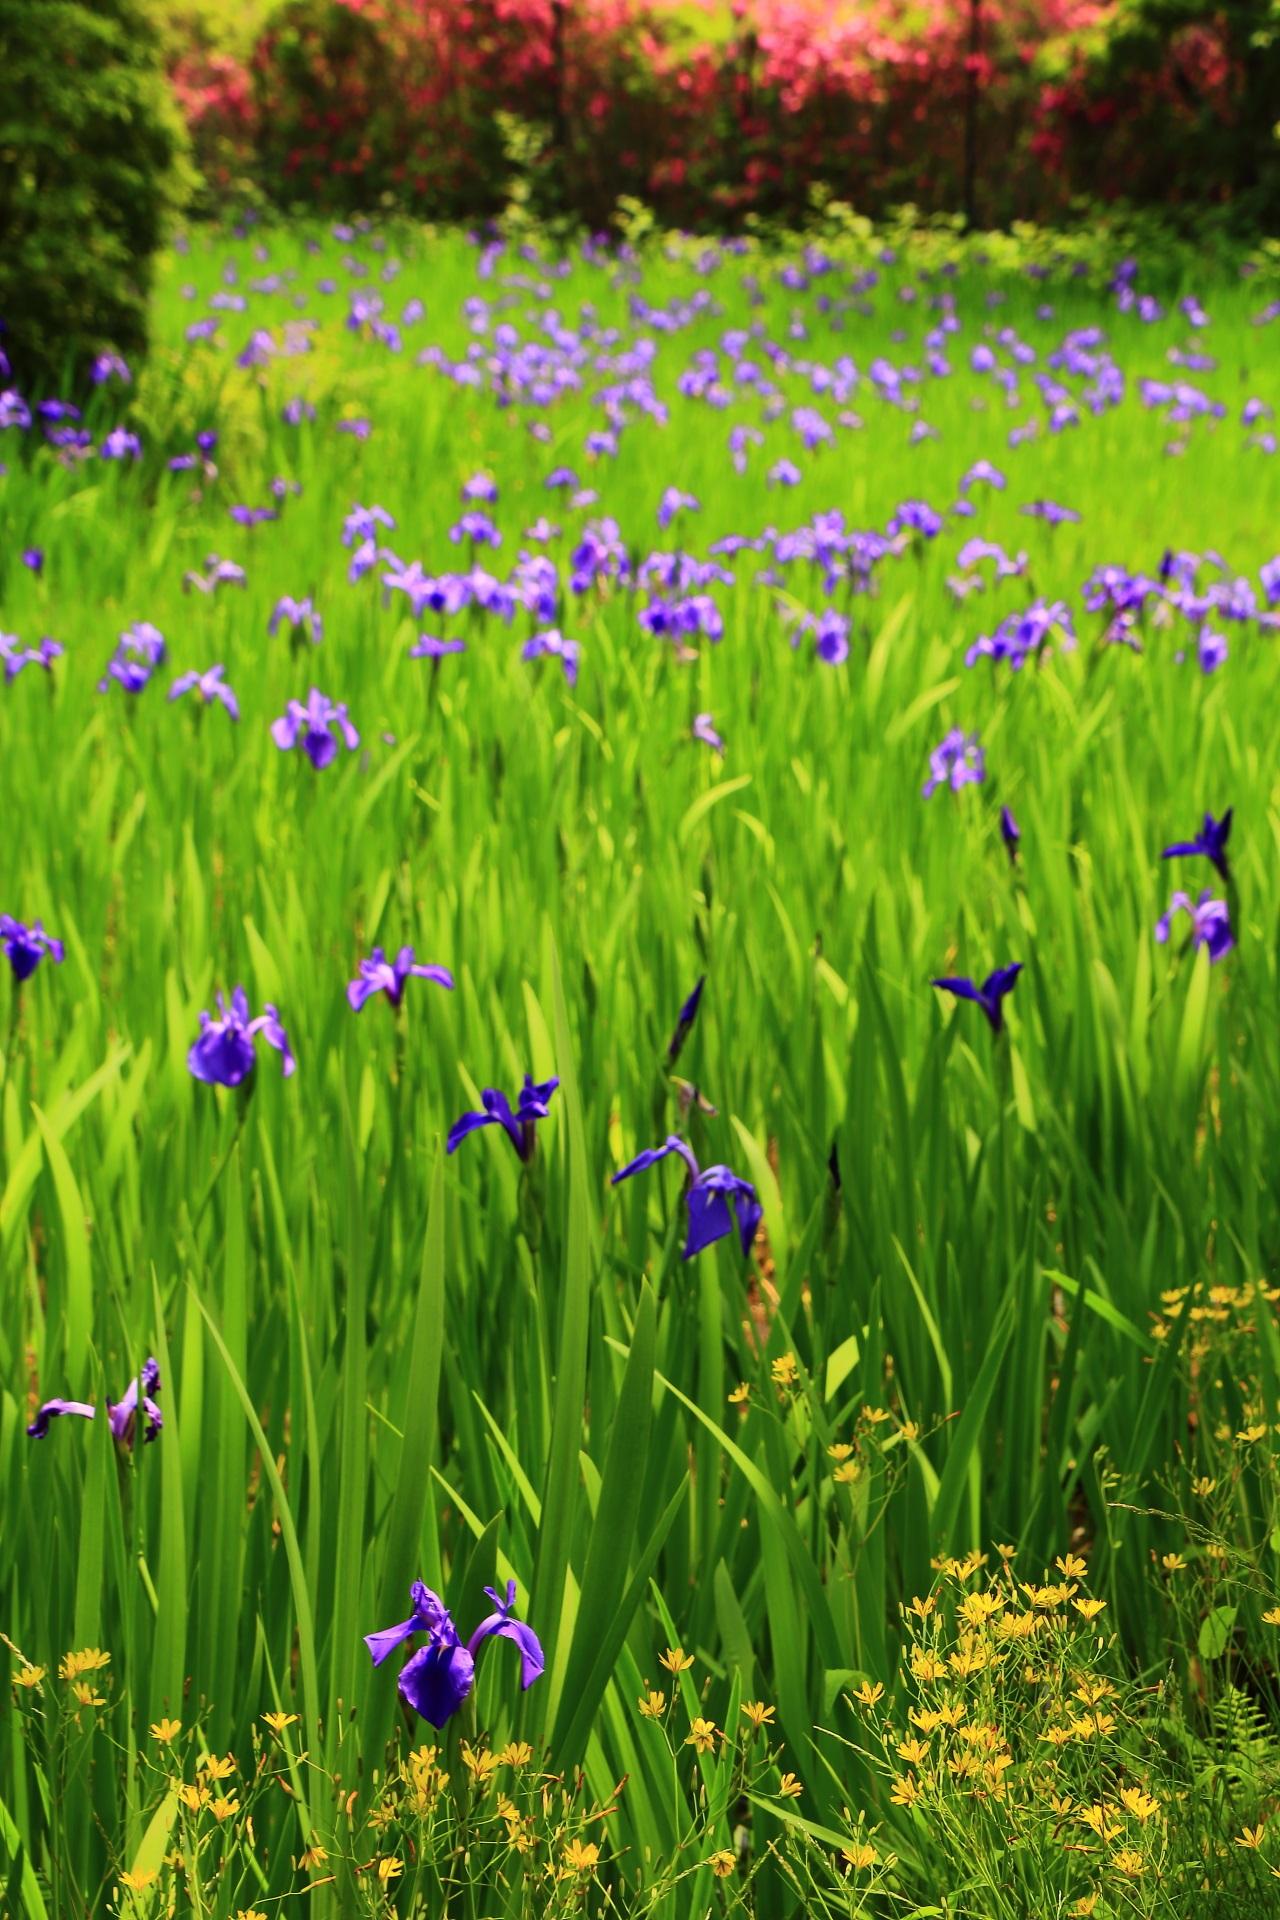 鹿の食害で杜若の花が激減した大田神社